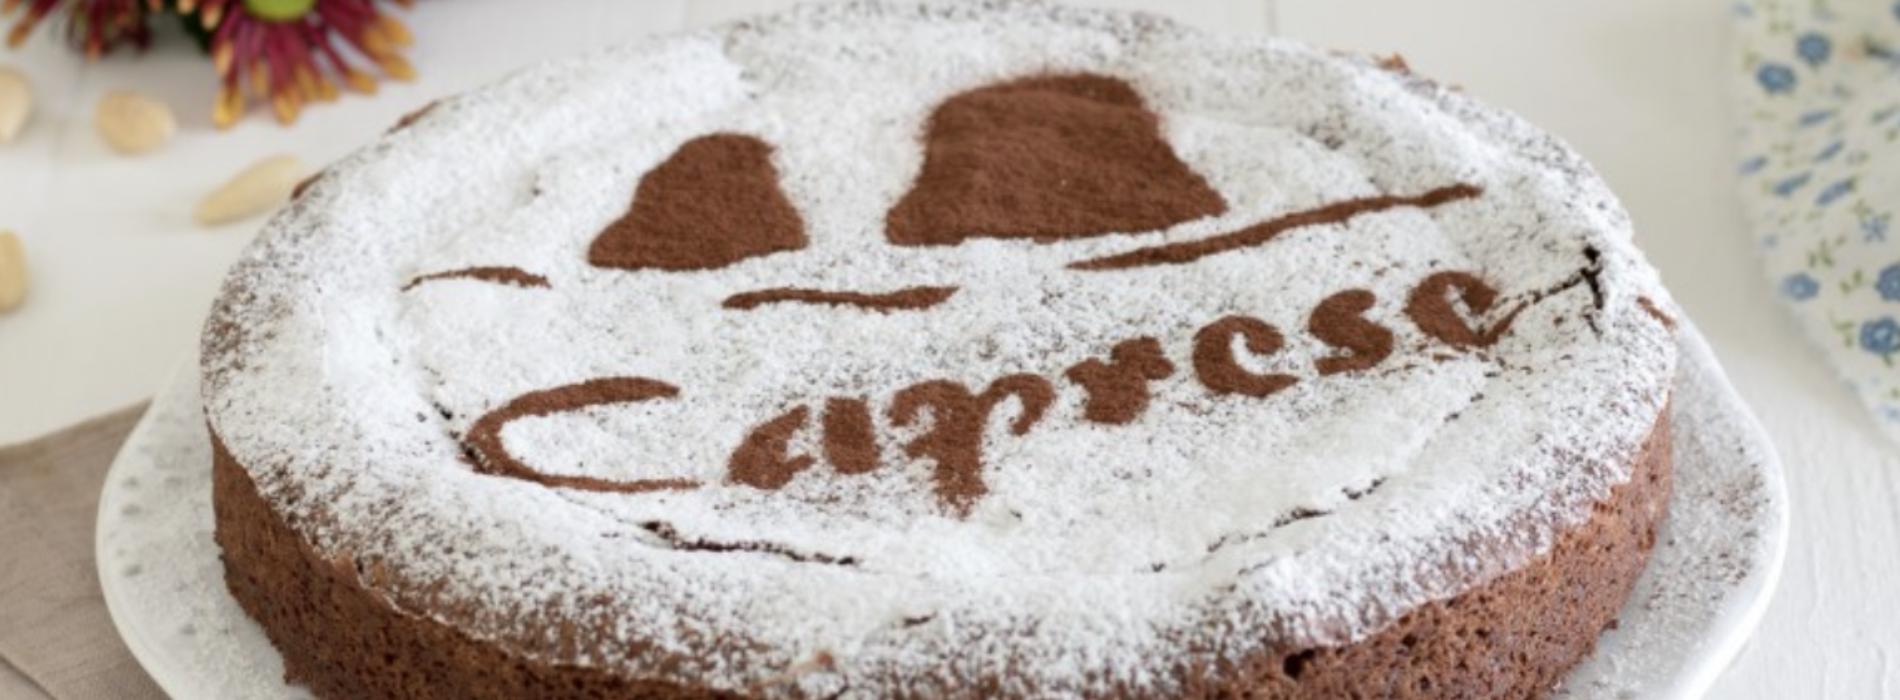 Il successo della torta sbagliata, la caprese compie cento anni